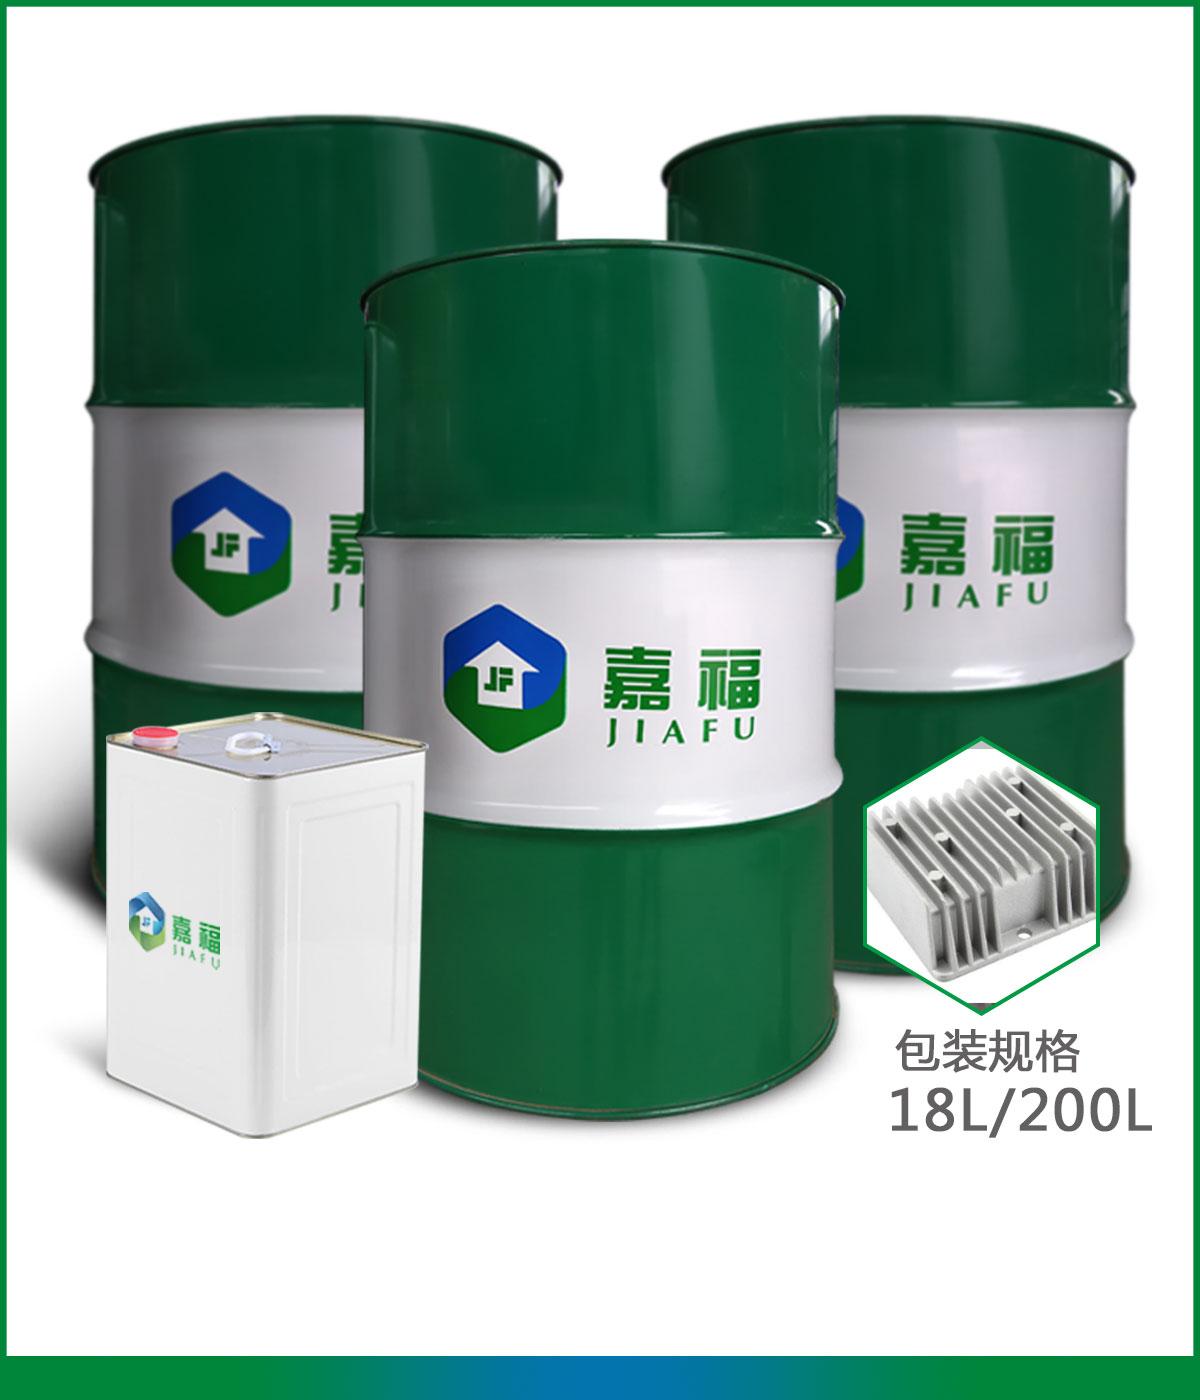 新能源电池壳碳氢清洗剂 JF-8208